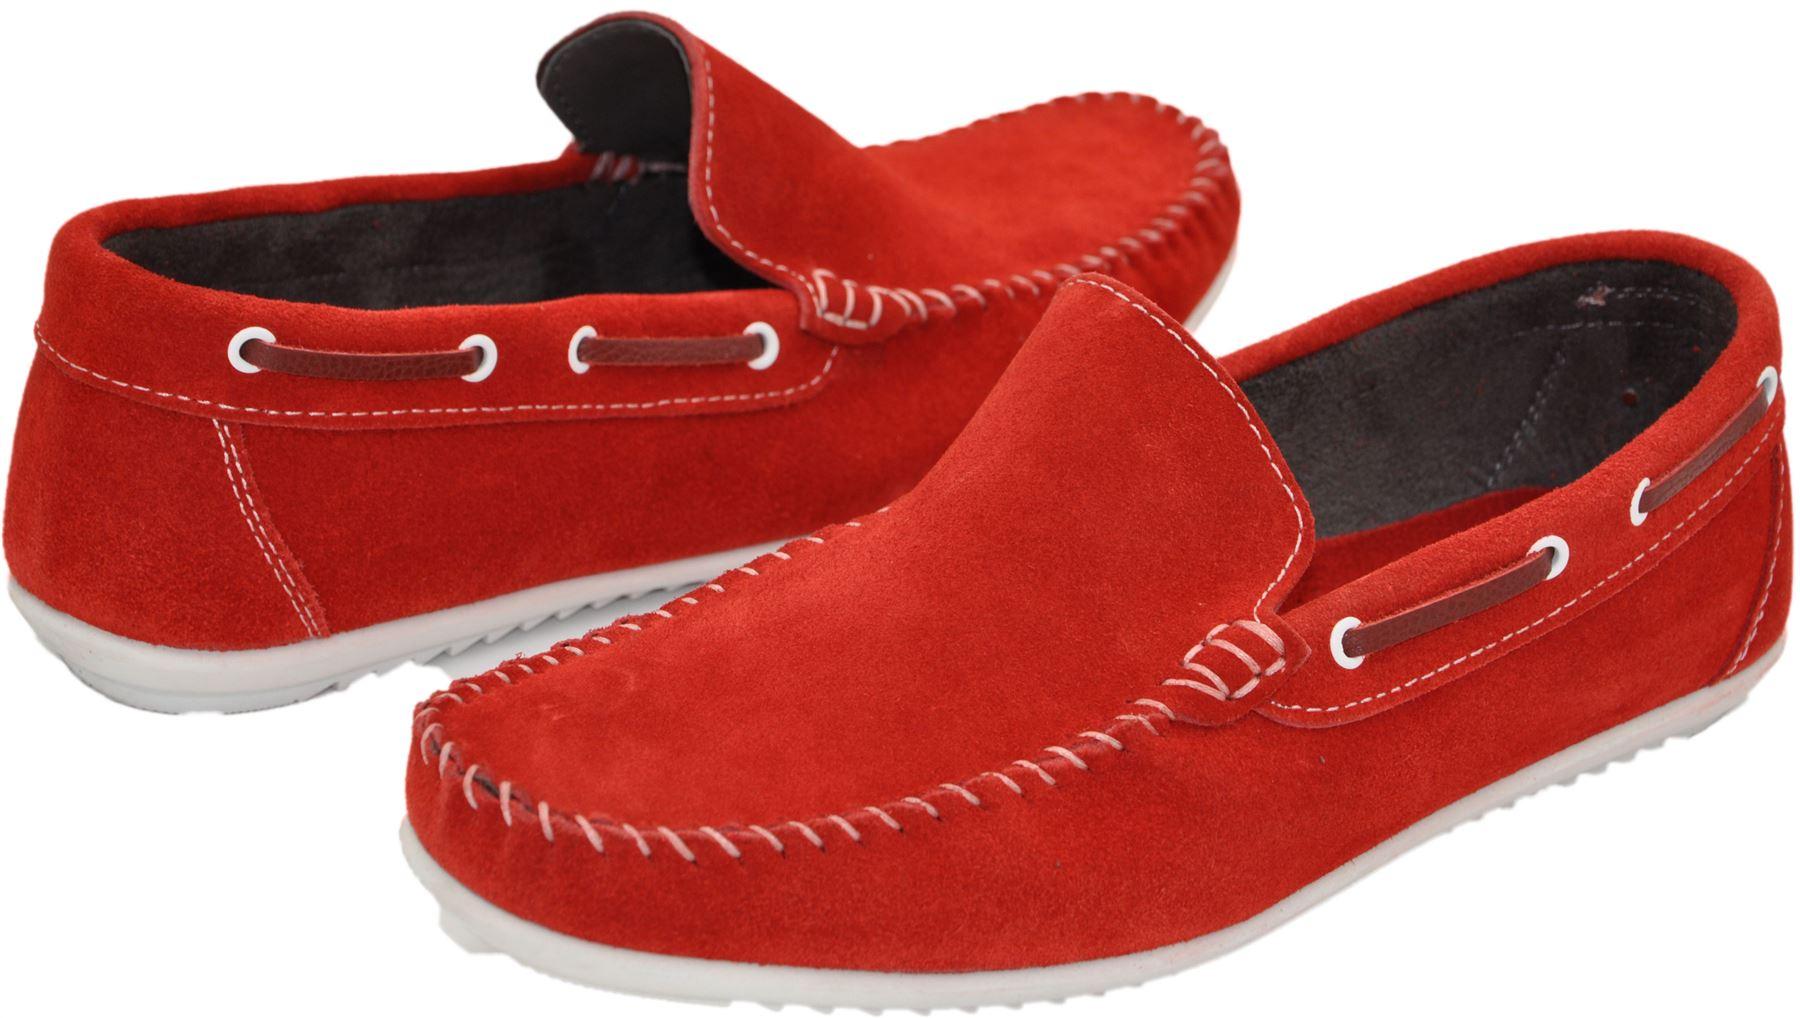 Mocassins bateau homme rouge et blanc nubuck dr28 C6A179Xb